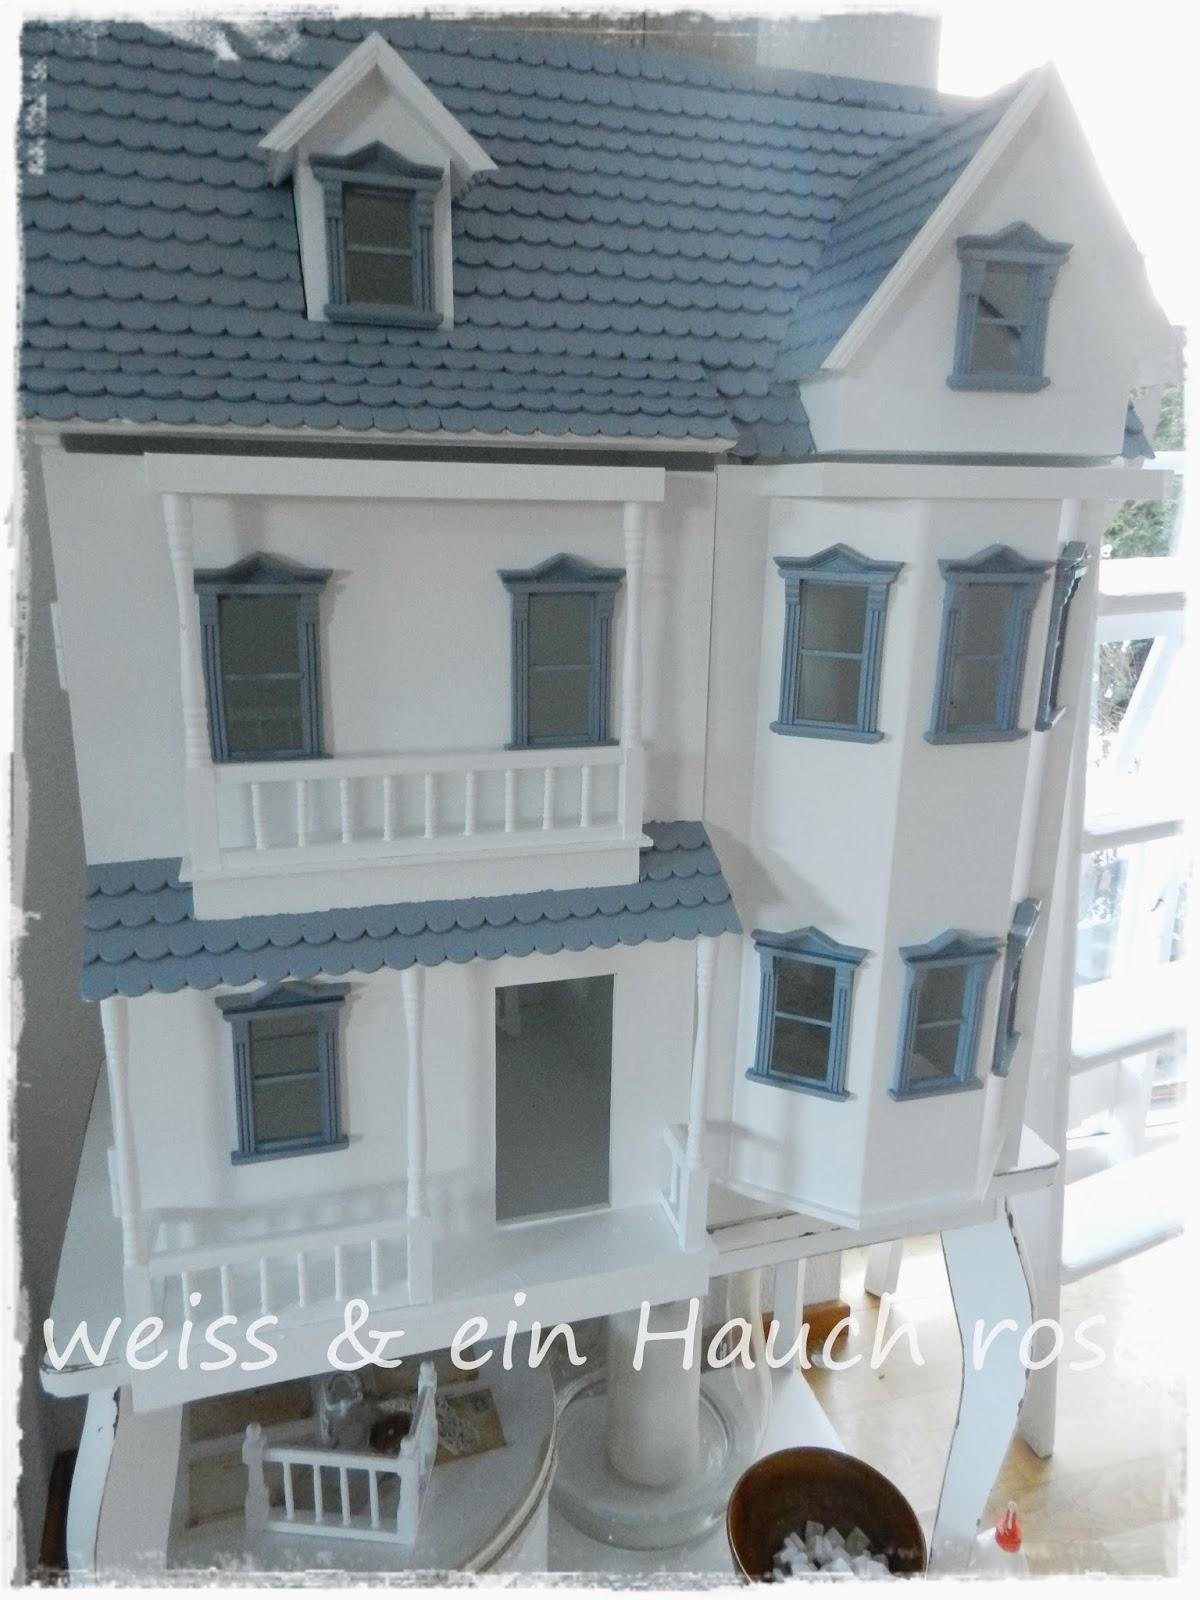 weiß & ein Hauch rosé: Mein neues Haus...